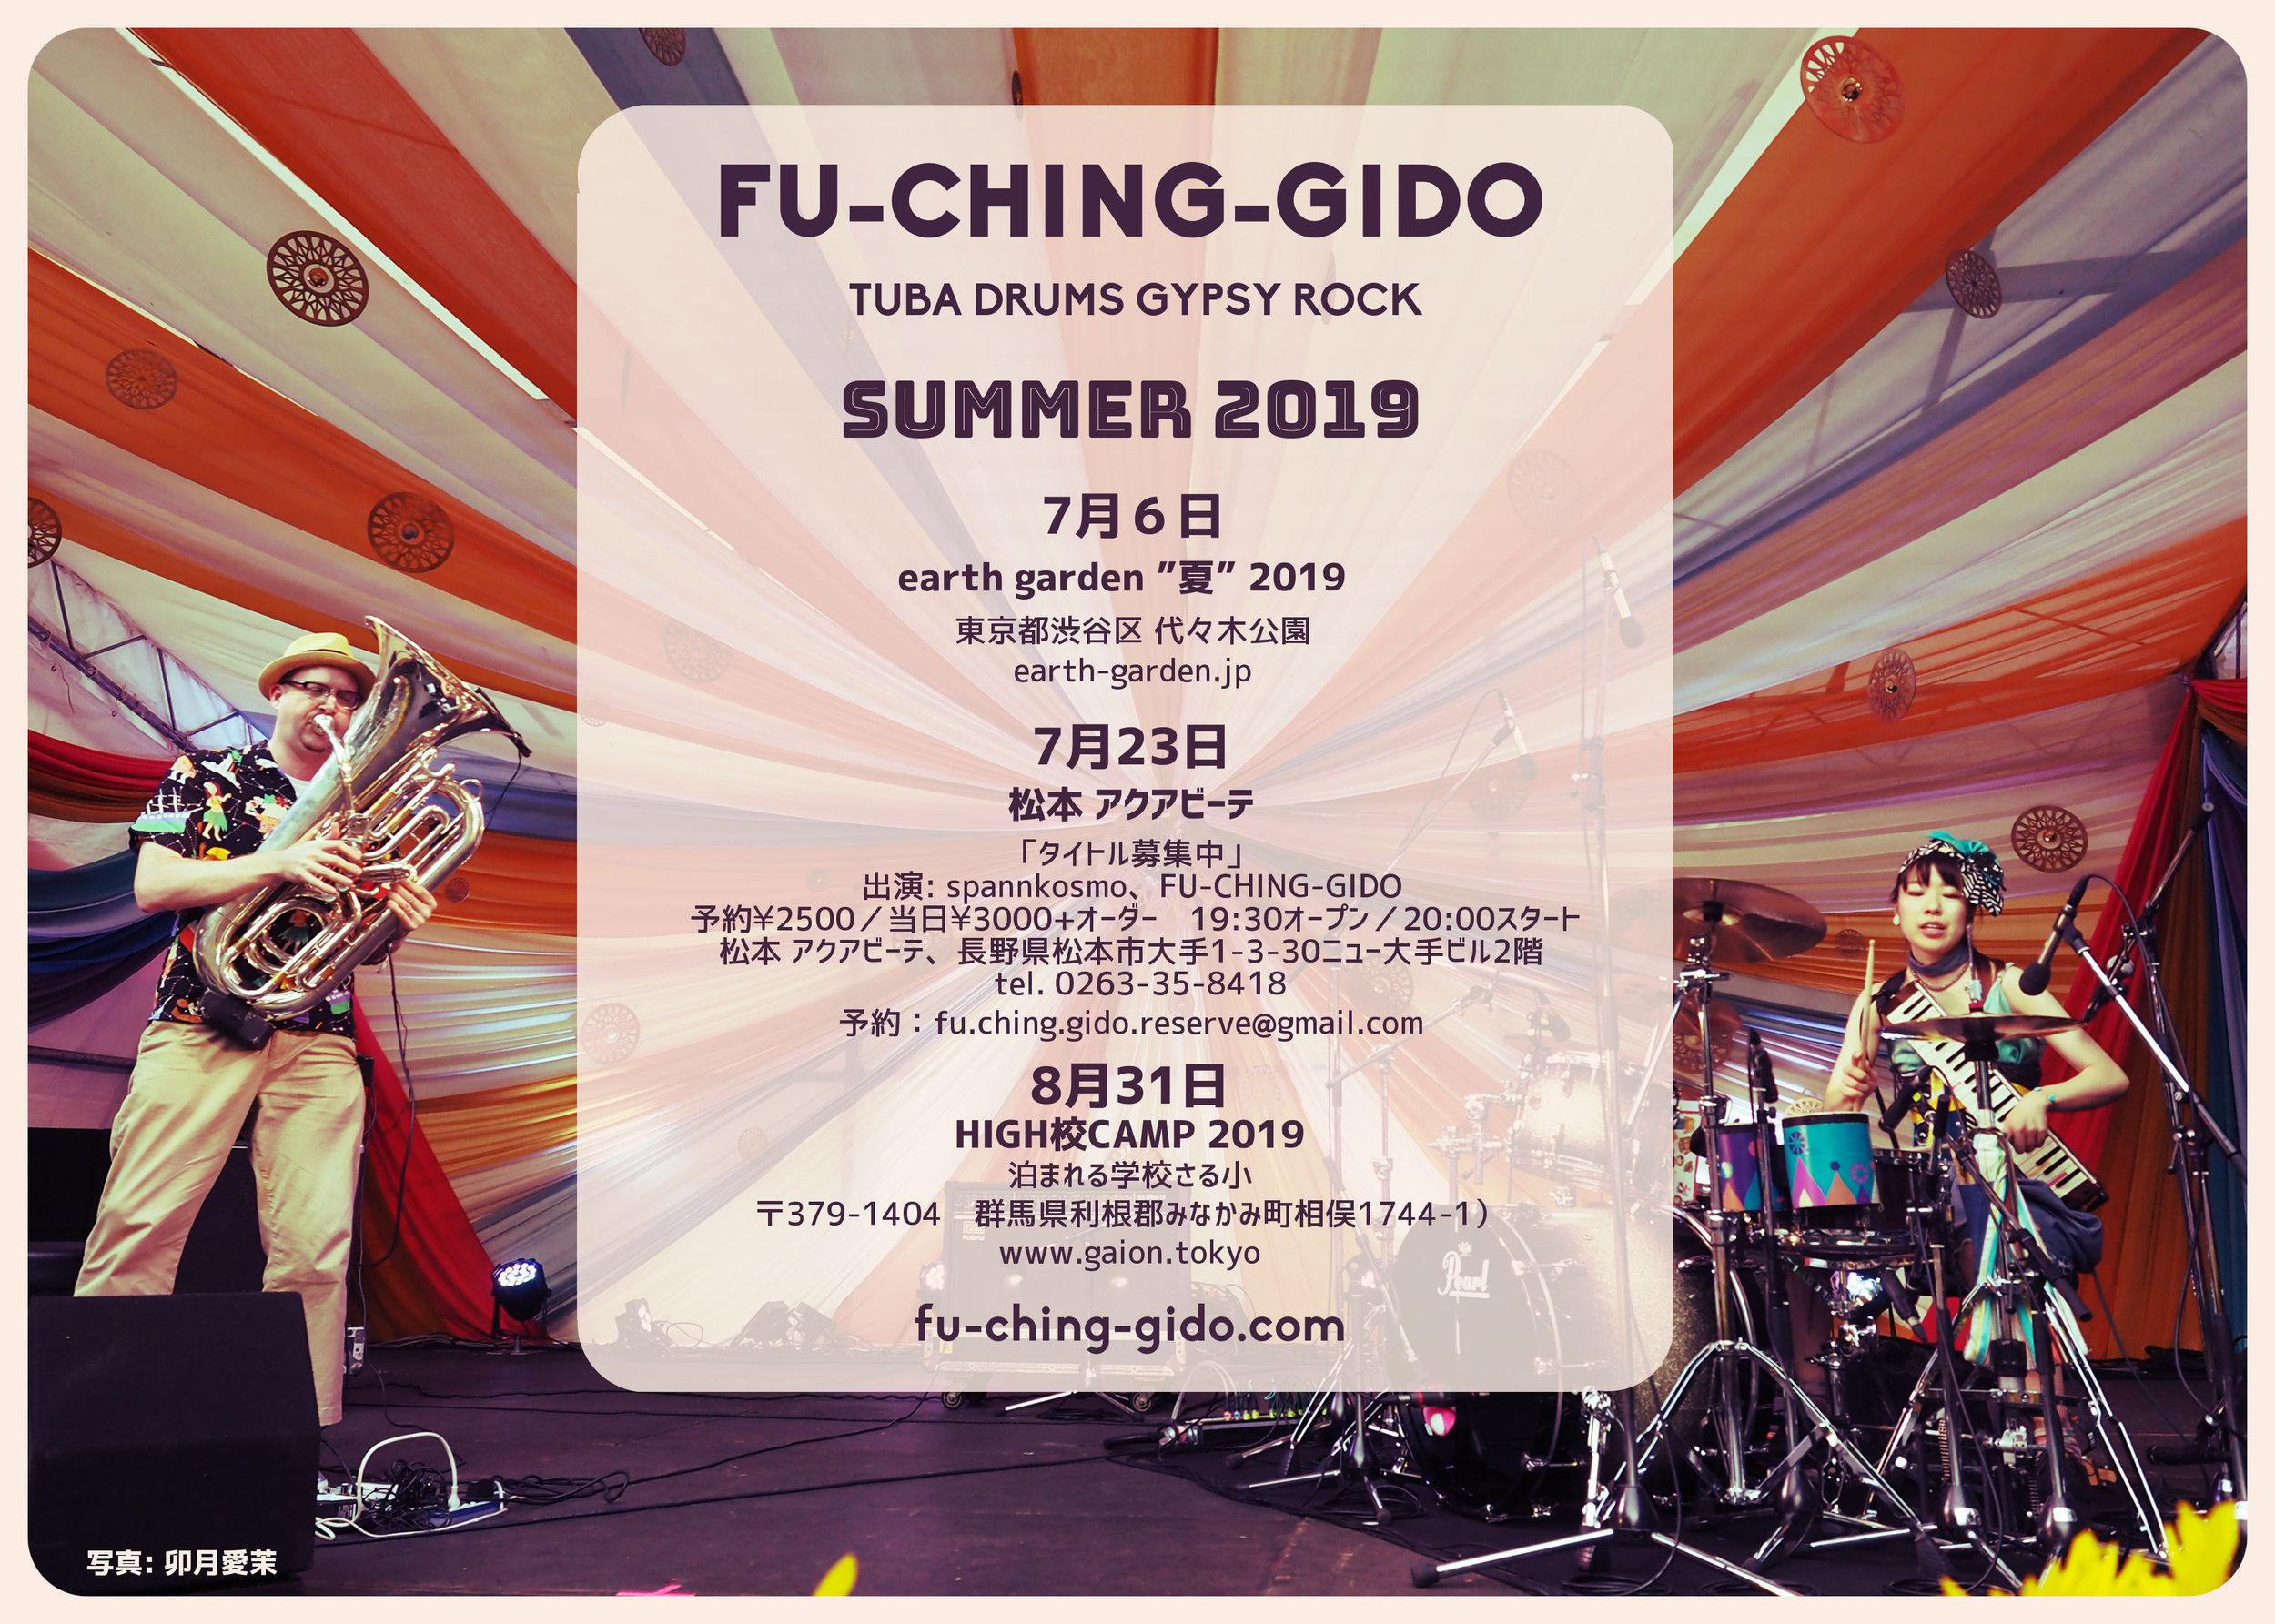 FCG SUMMER 2019.jpg